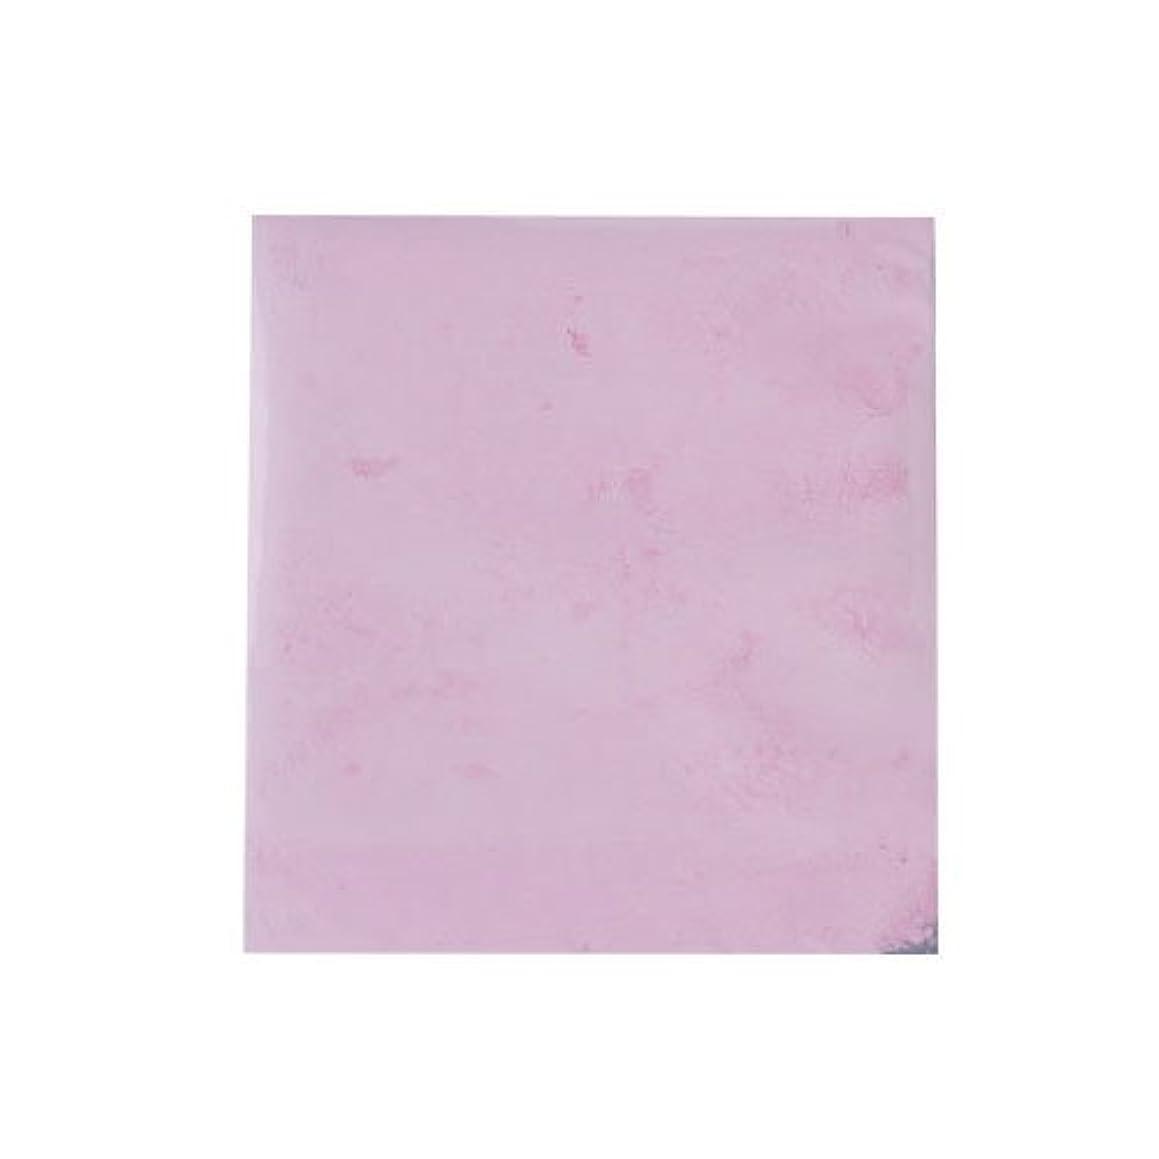 ユダヤ人靄おもてなしピカエース ネイル用パウダー カラーパウダー 着色顔料 #724 ローズピンク 2g